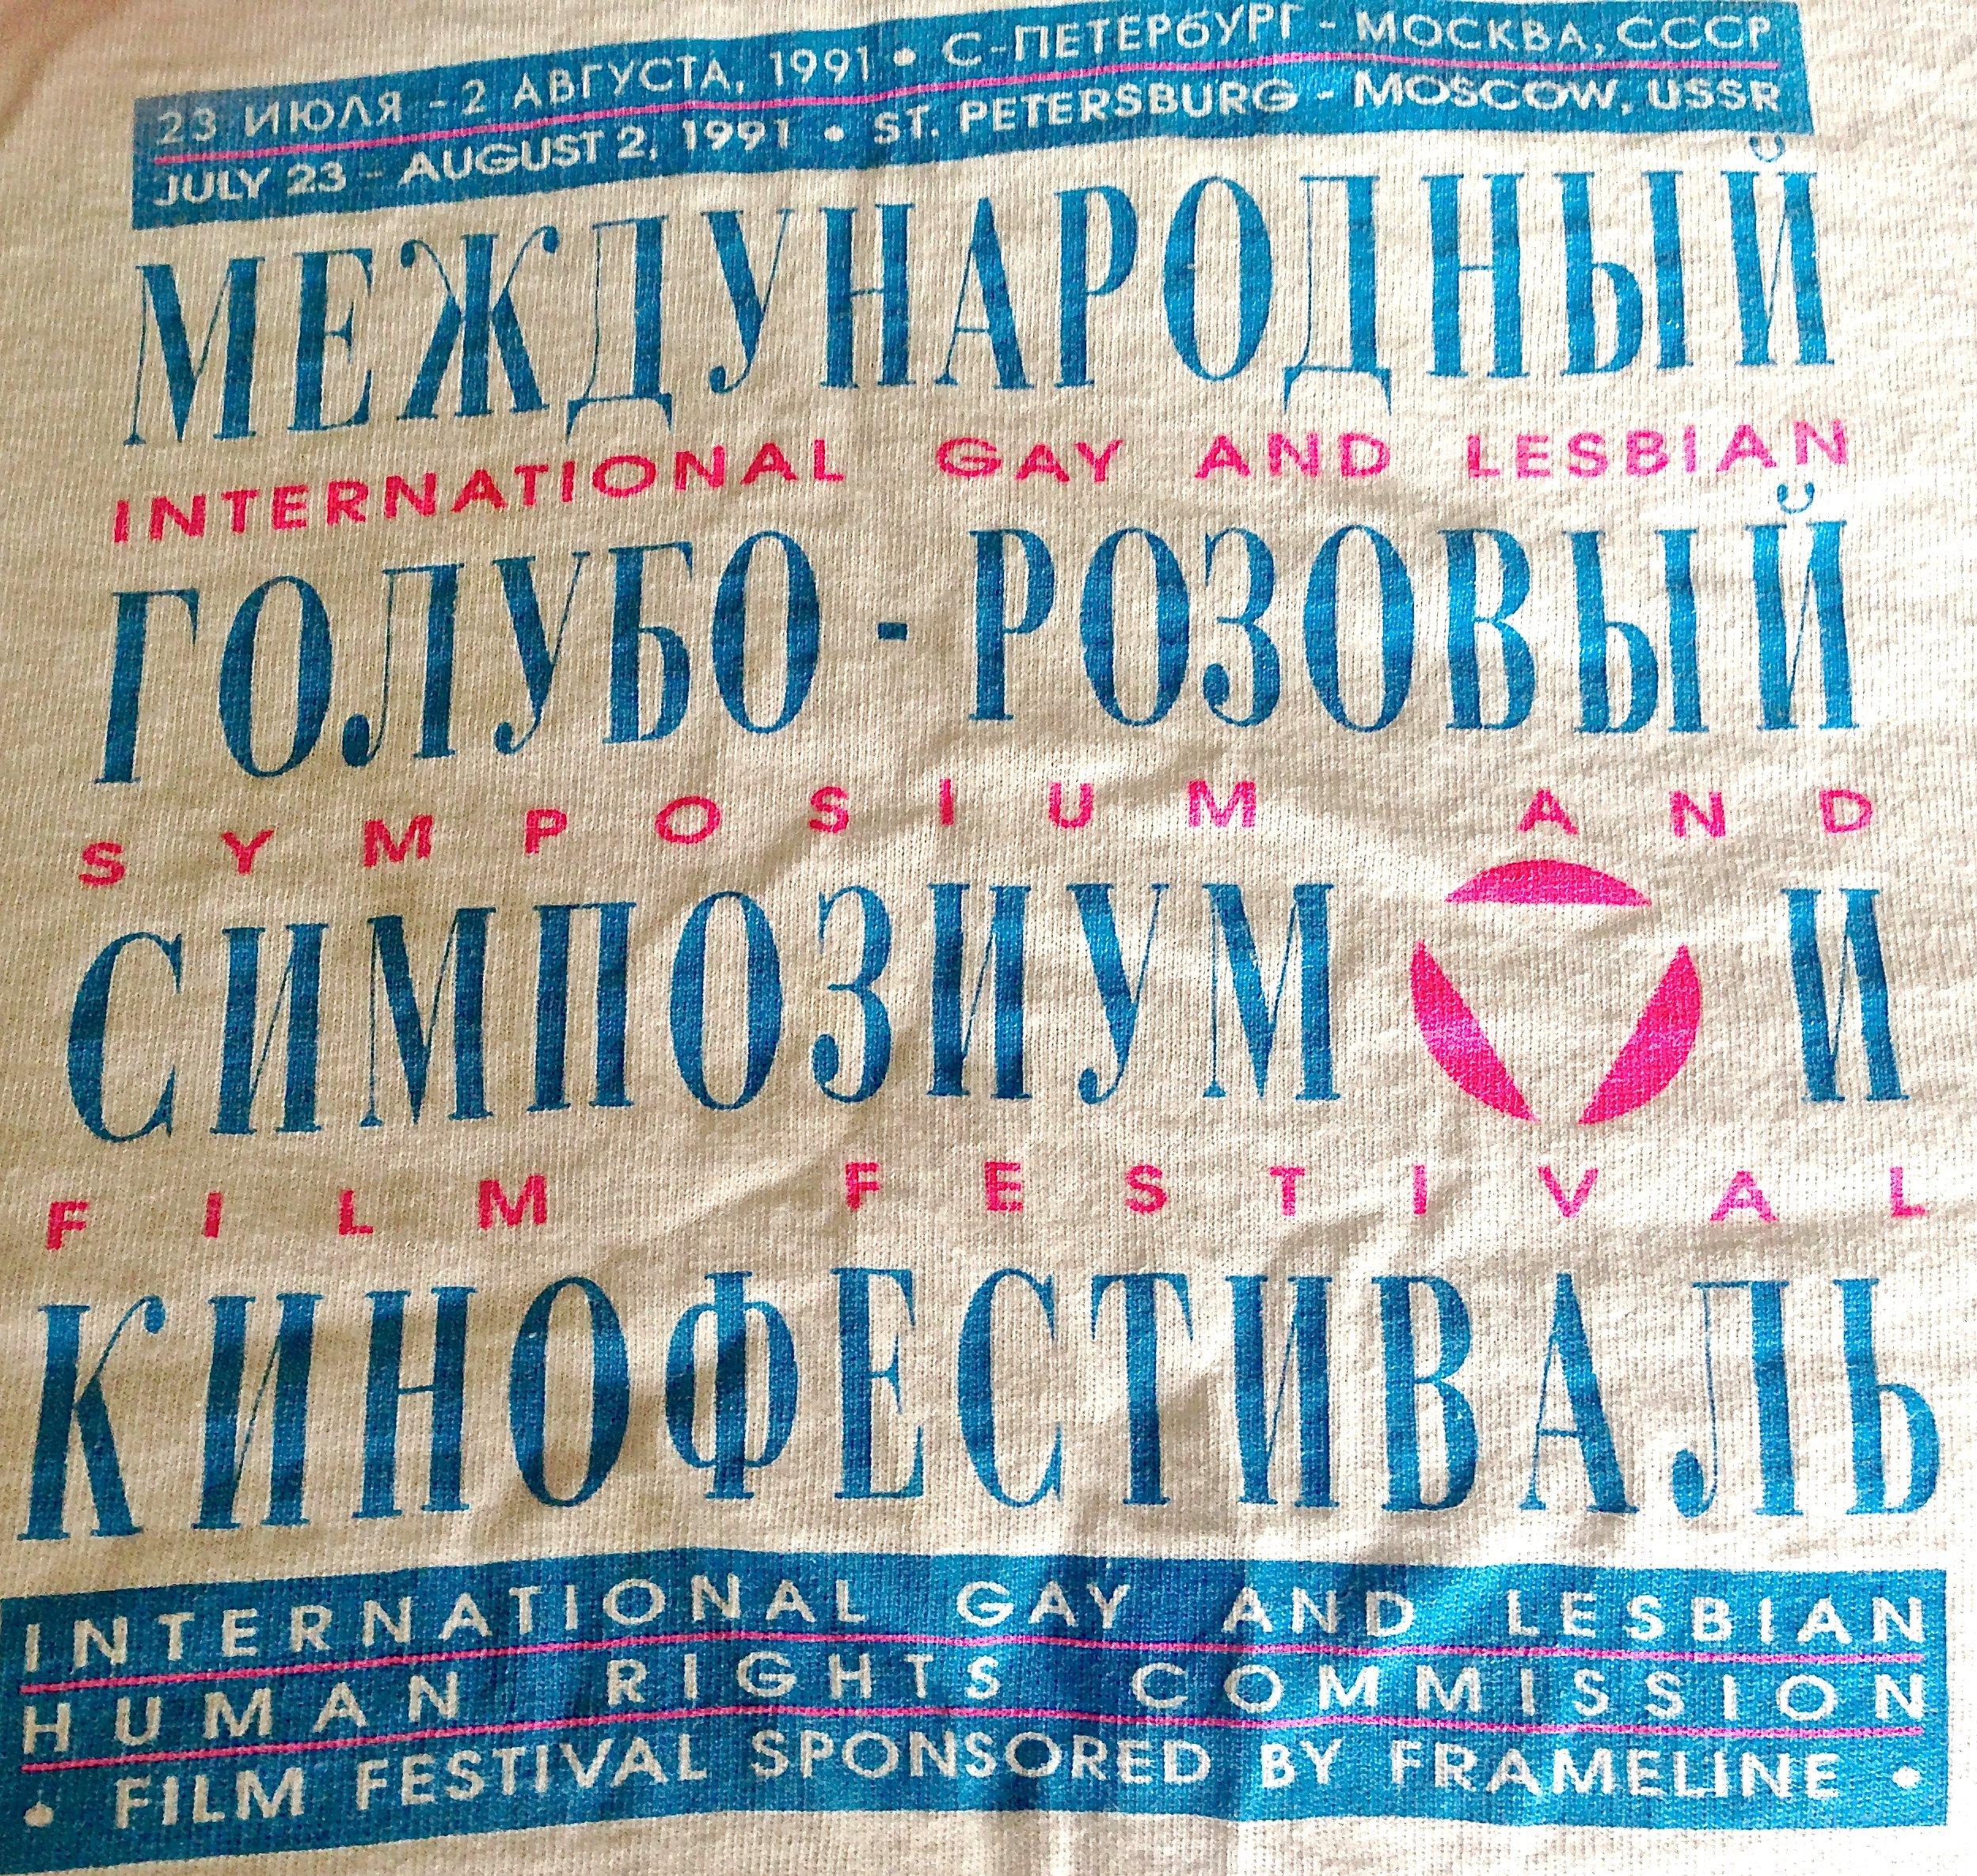 Международный голубо-розовый симпозиум и кинофестиваль